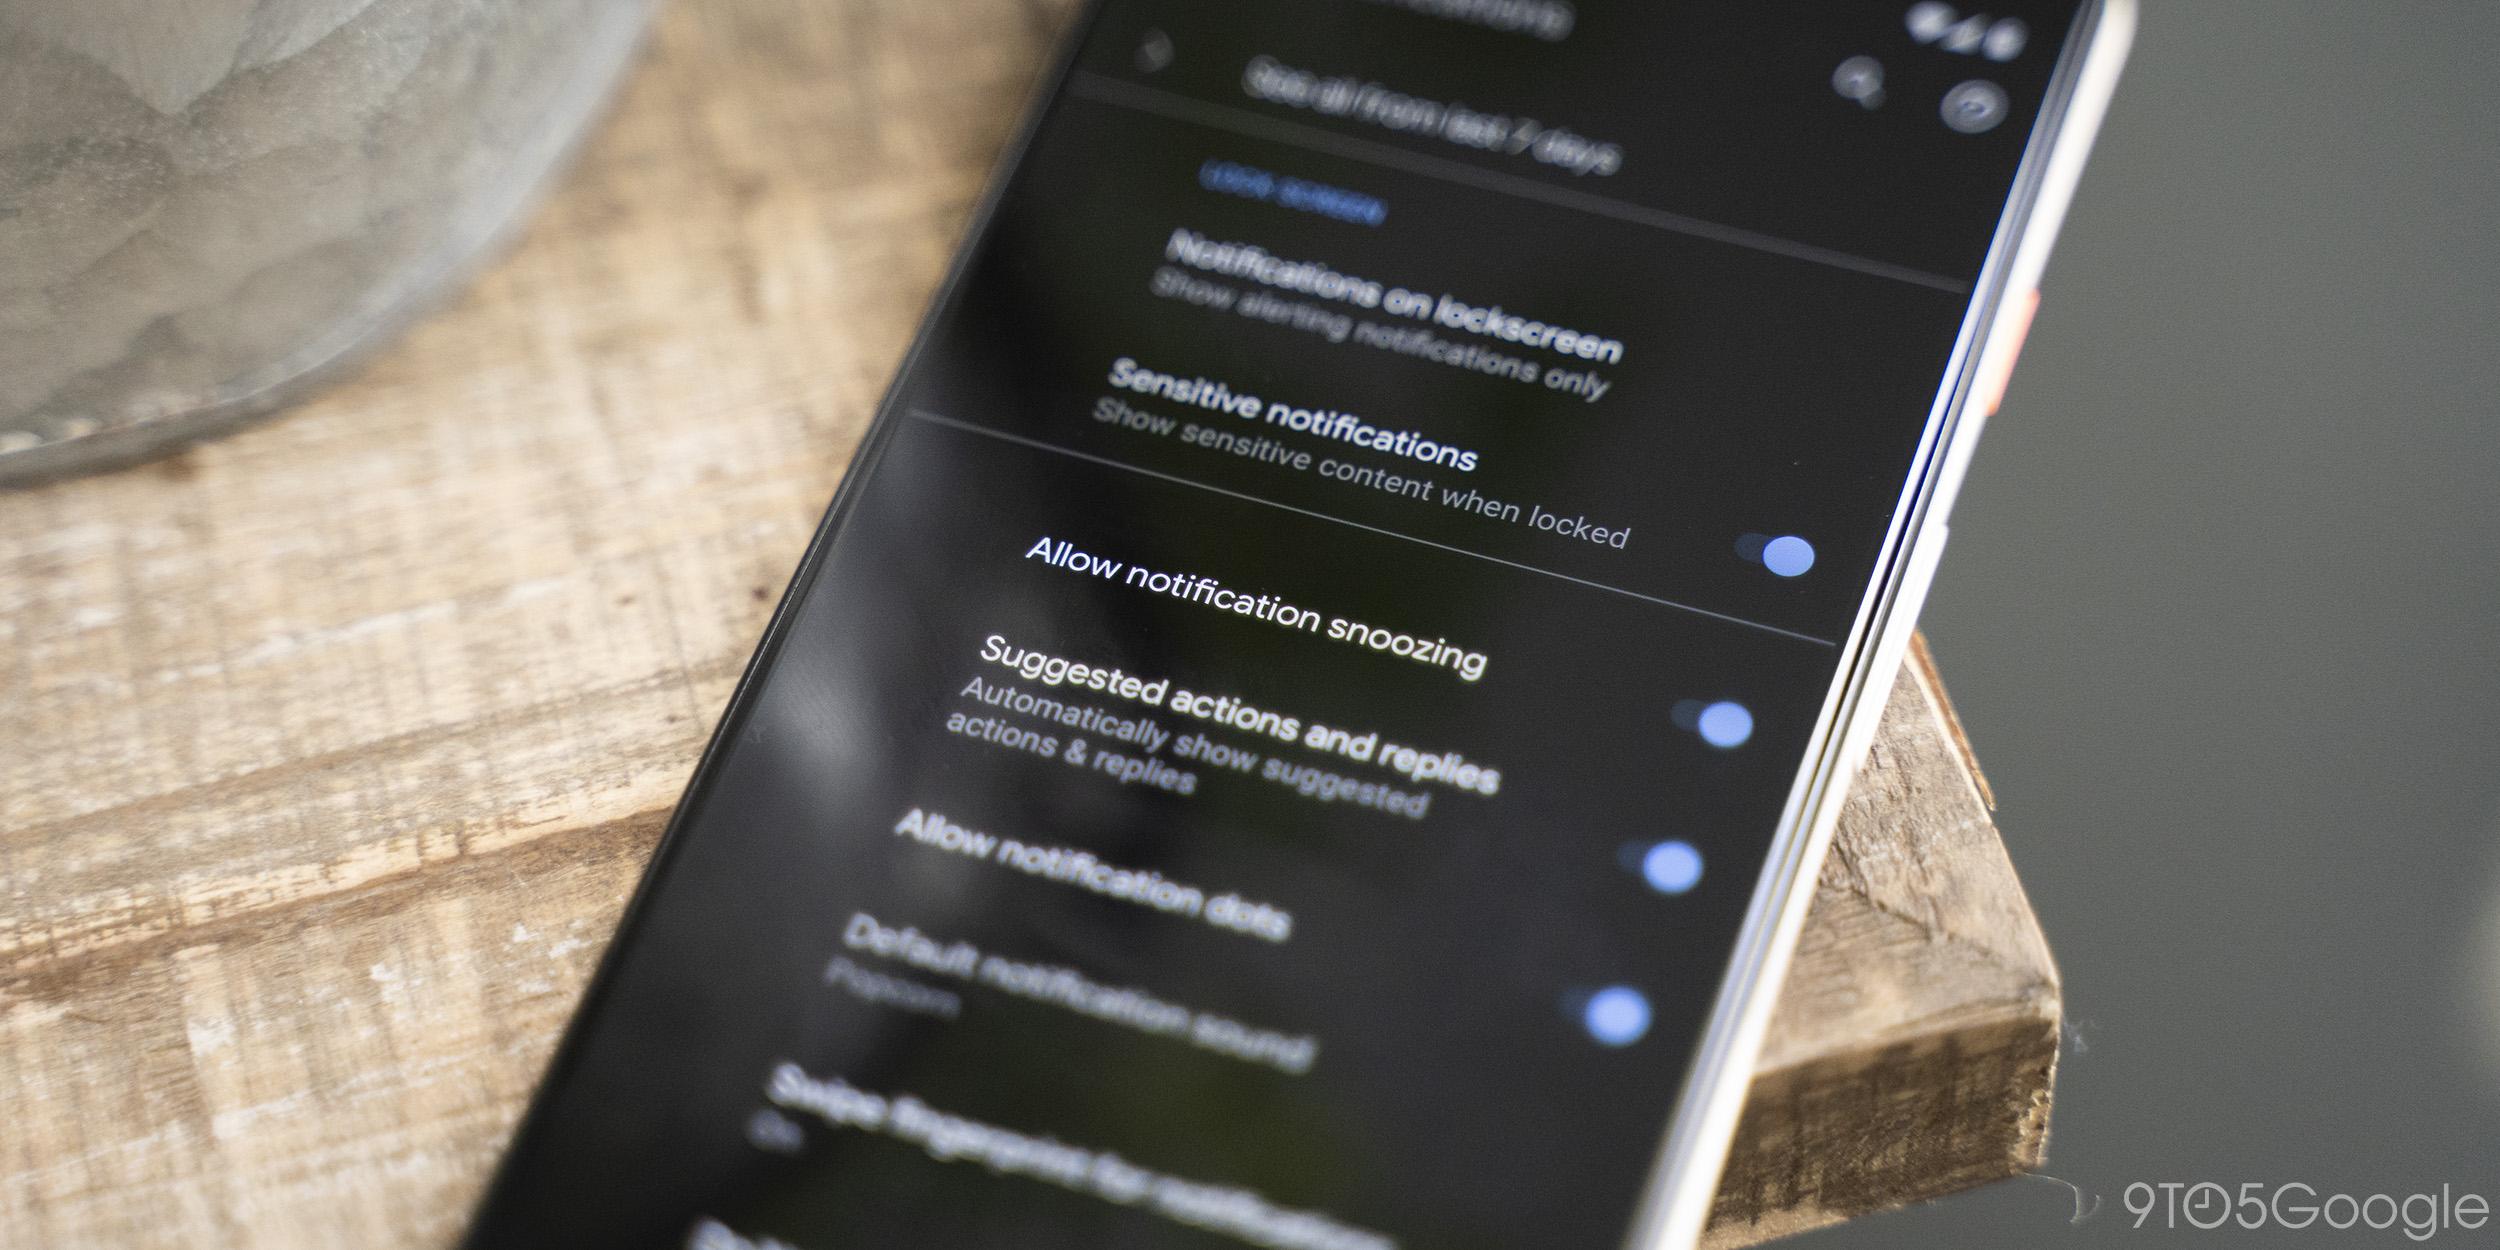 Android Q Beta 5: Benachrichtigungs-Snoozing kann deaktiviert werden, jetzt standardmäßig deaktiviert